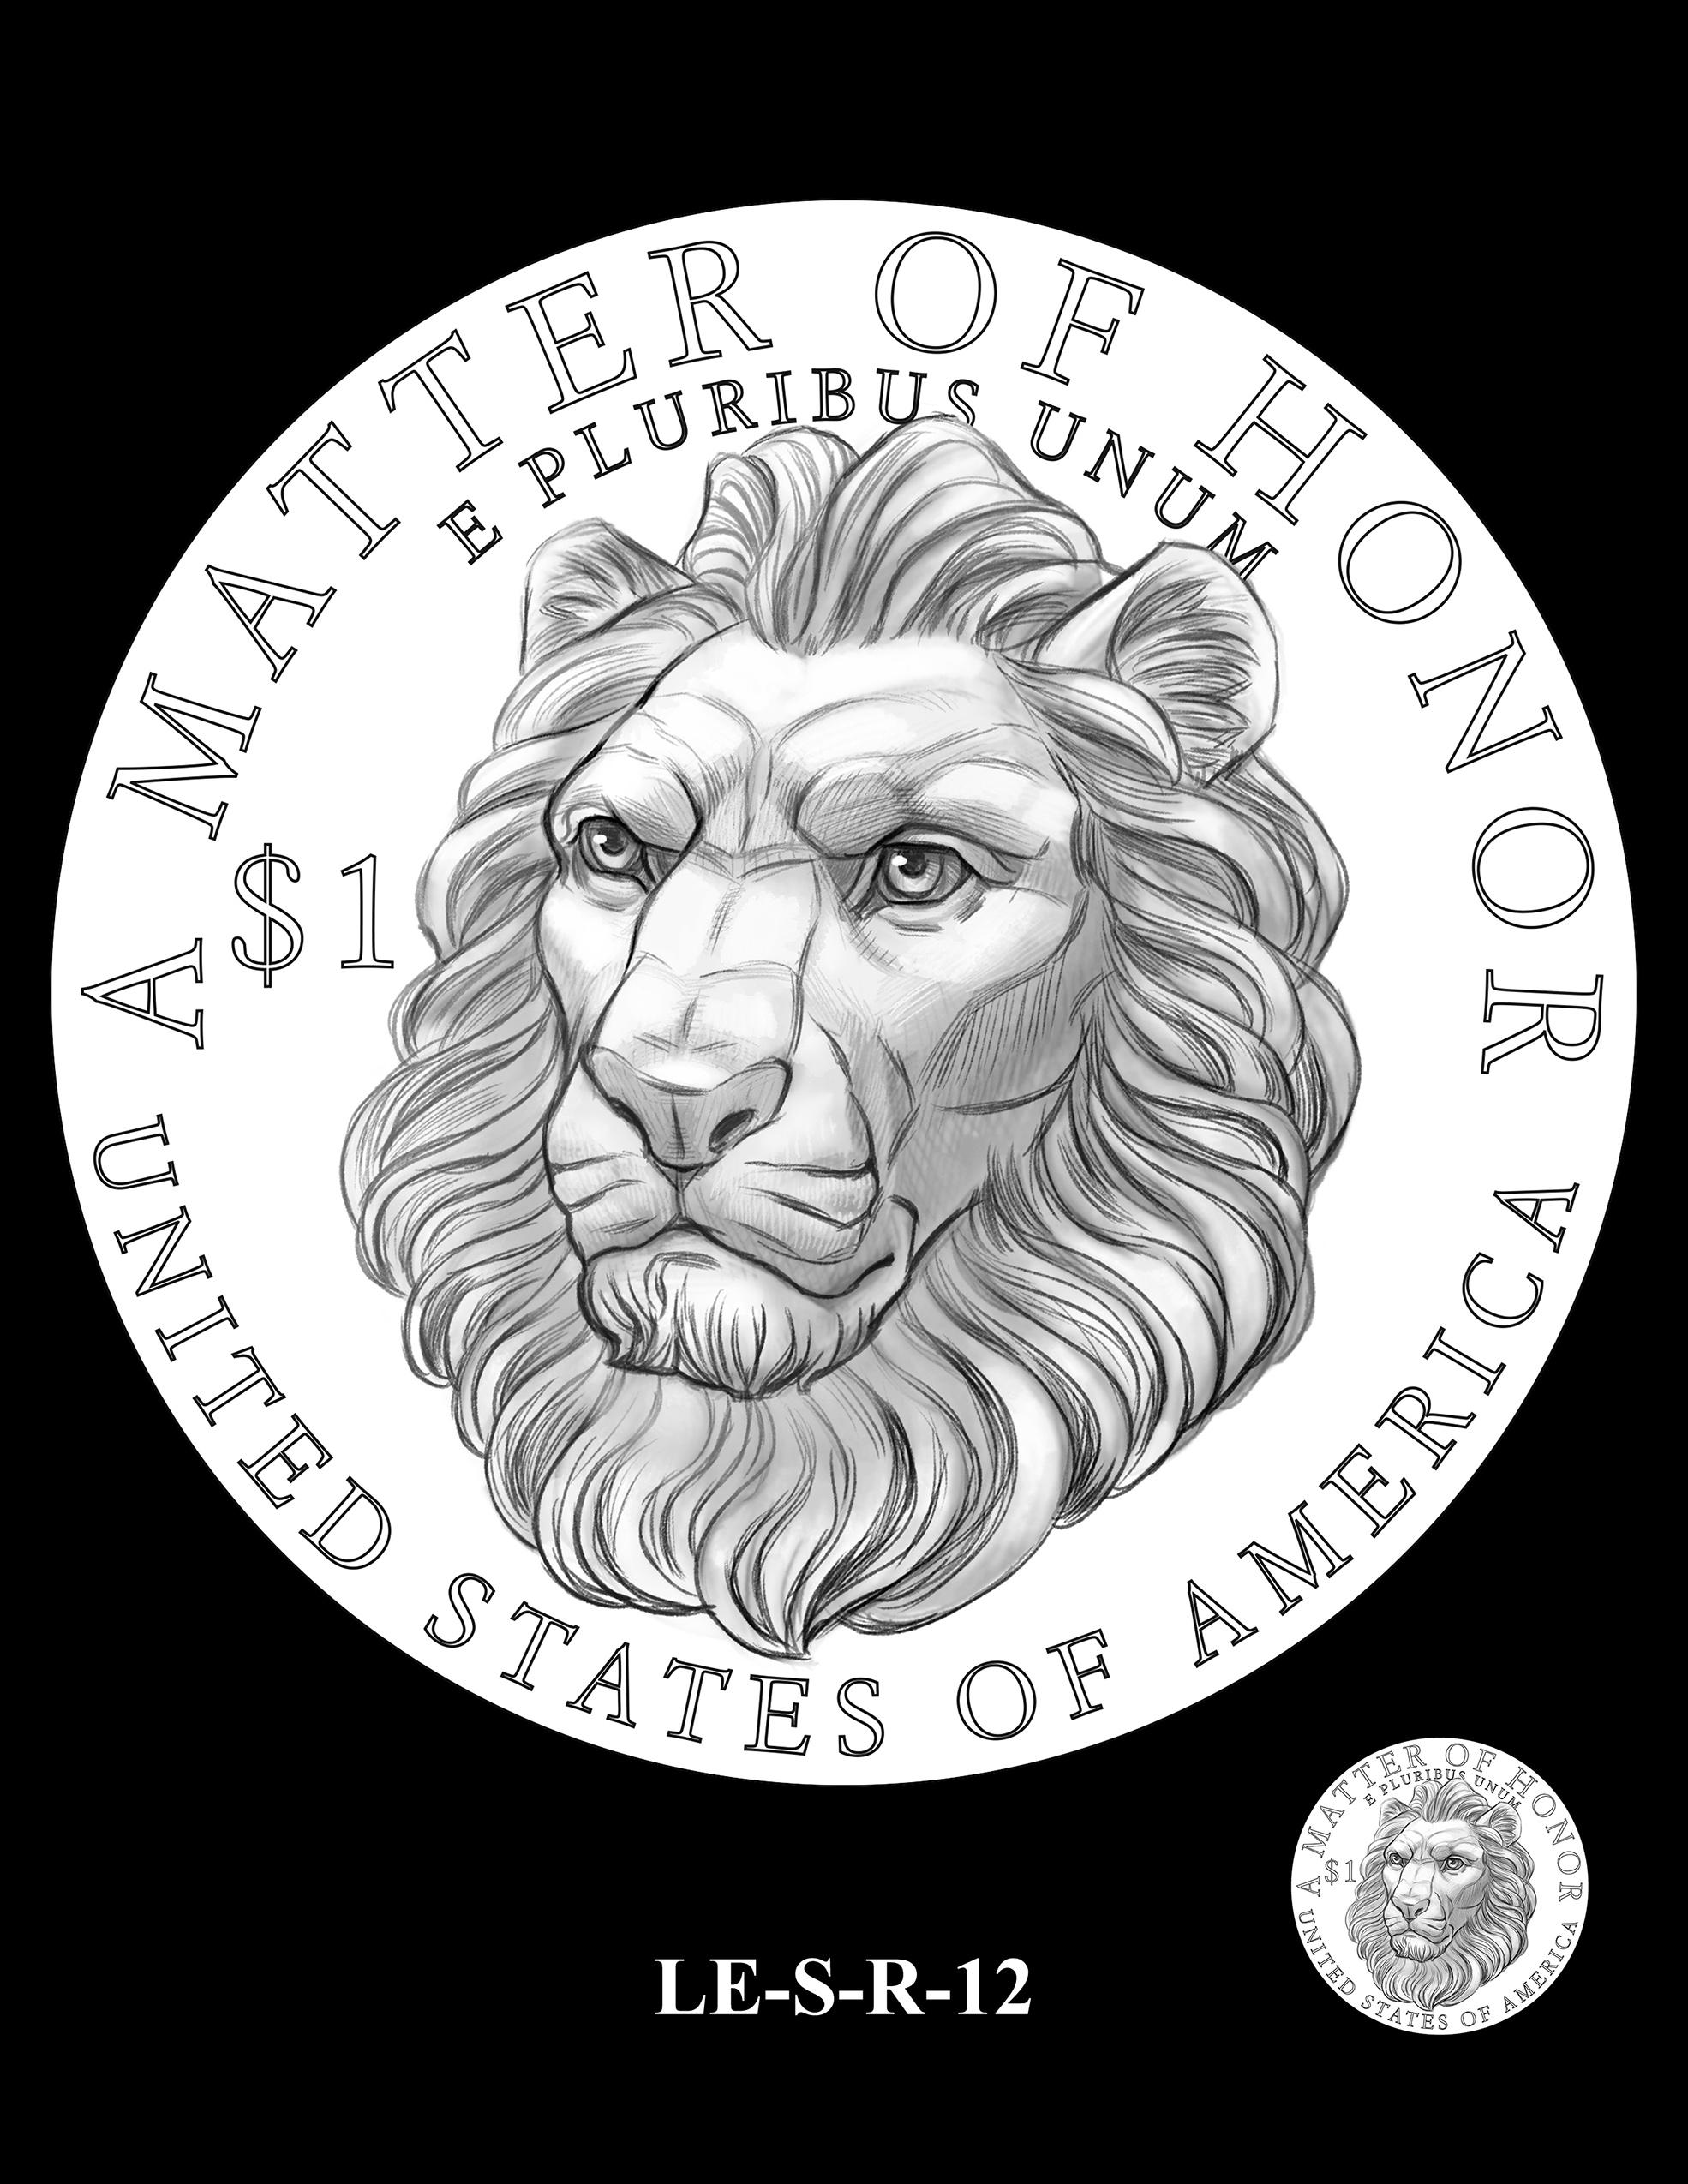 LE-S-R-12 -- National Law Enforcement Museum Commemorative Coin Program